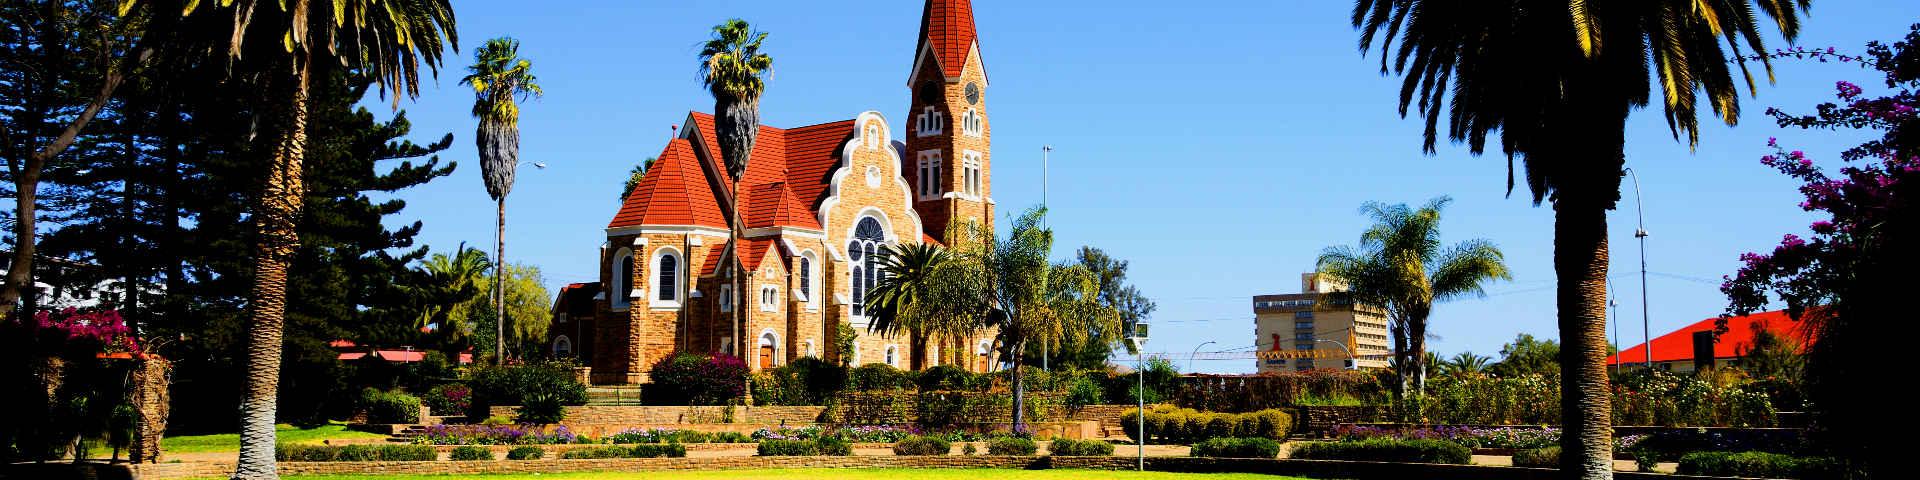 Windhoek hero